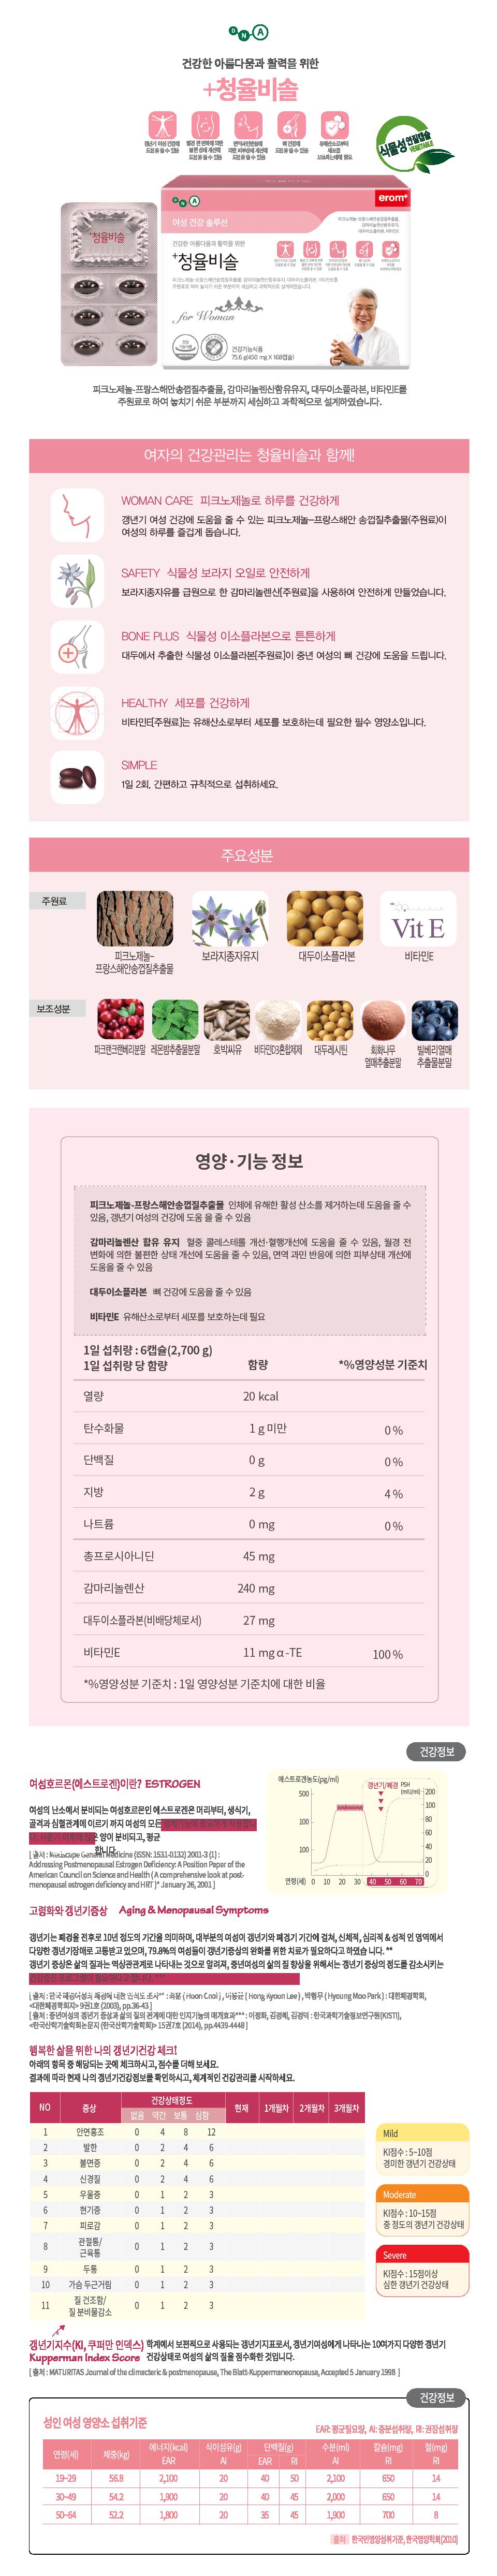 10_%EC%9D%B4%EB%A1%AC%ED%94%8C%EB%9F%AC%EC%8A%A4%20%EC%B2%AD%EC%9C%A8%EB%B9%84%EC%86%94_01.png